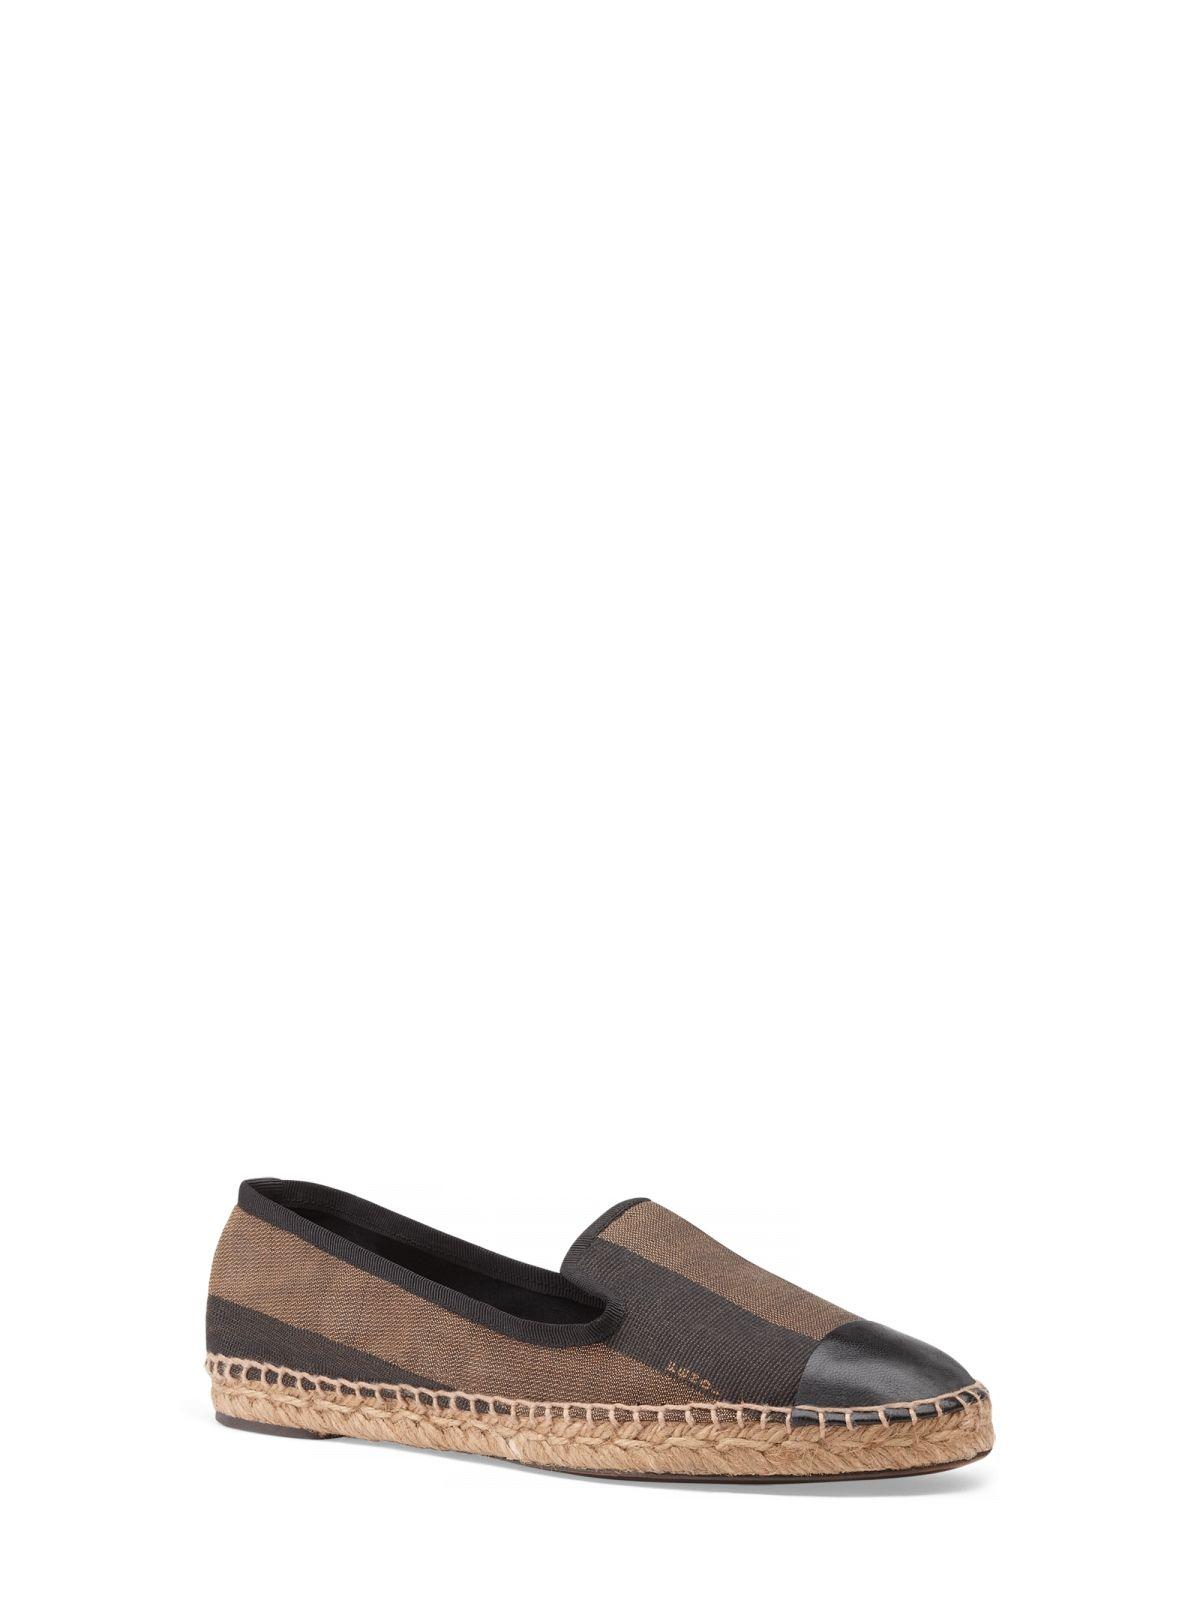 selezione migliore cca67 b06e9 Pierre Hardy sneaker slip-ons in silver/pink glitter | Fendi ...